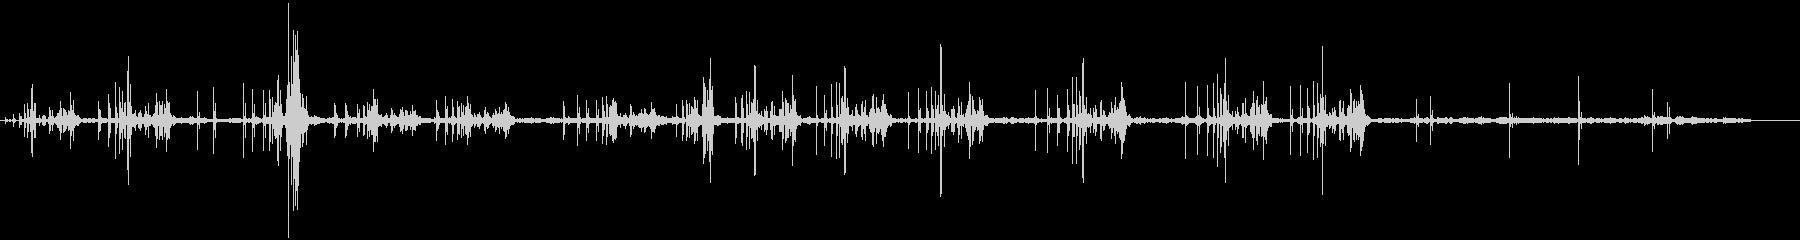 ウロガロ-近く-バージョン1の未再生の波形